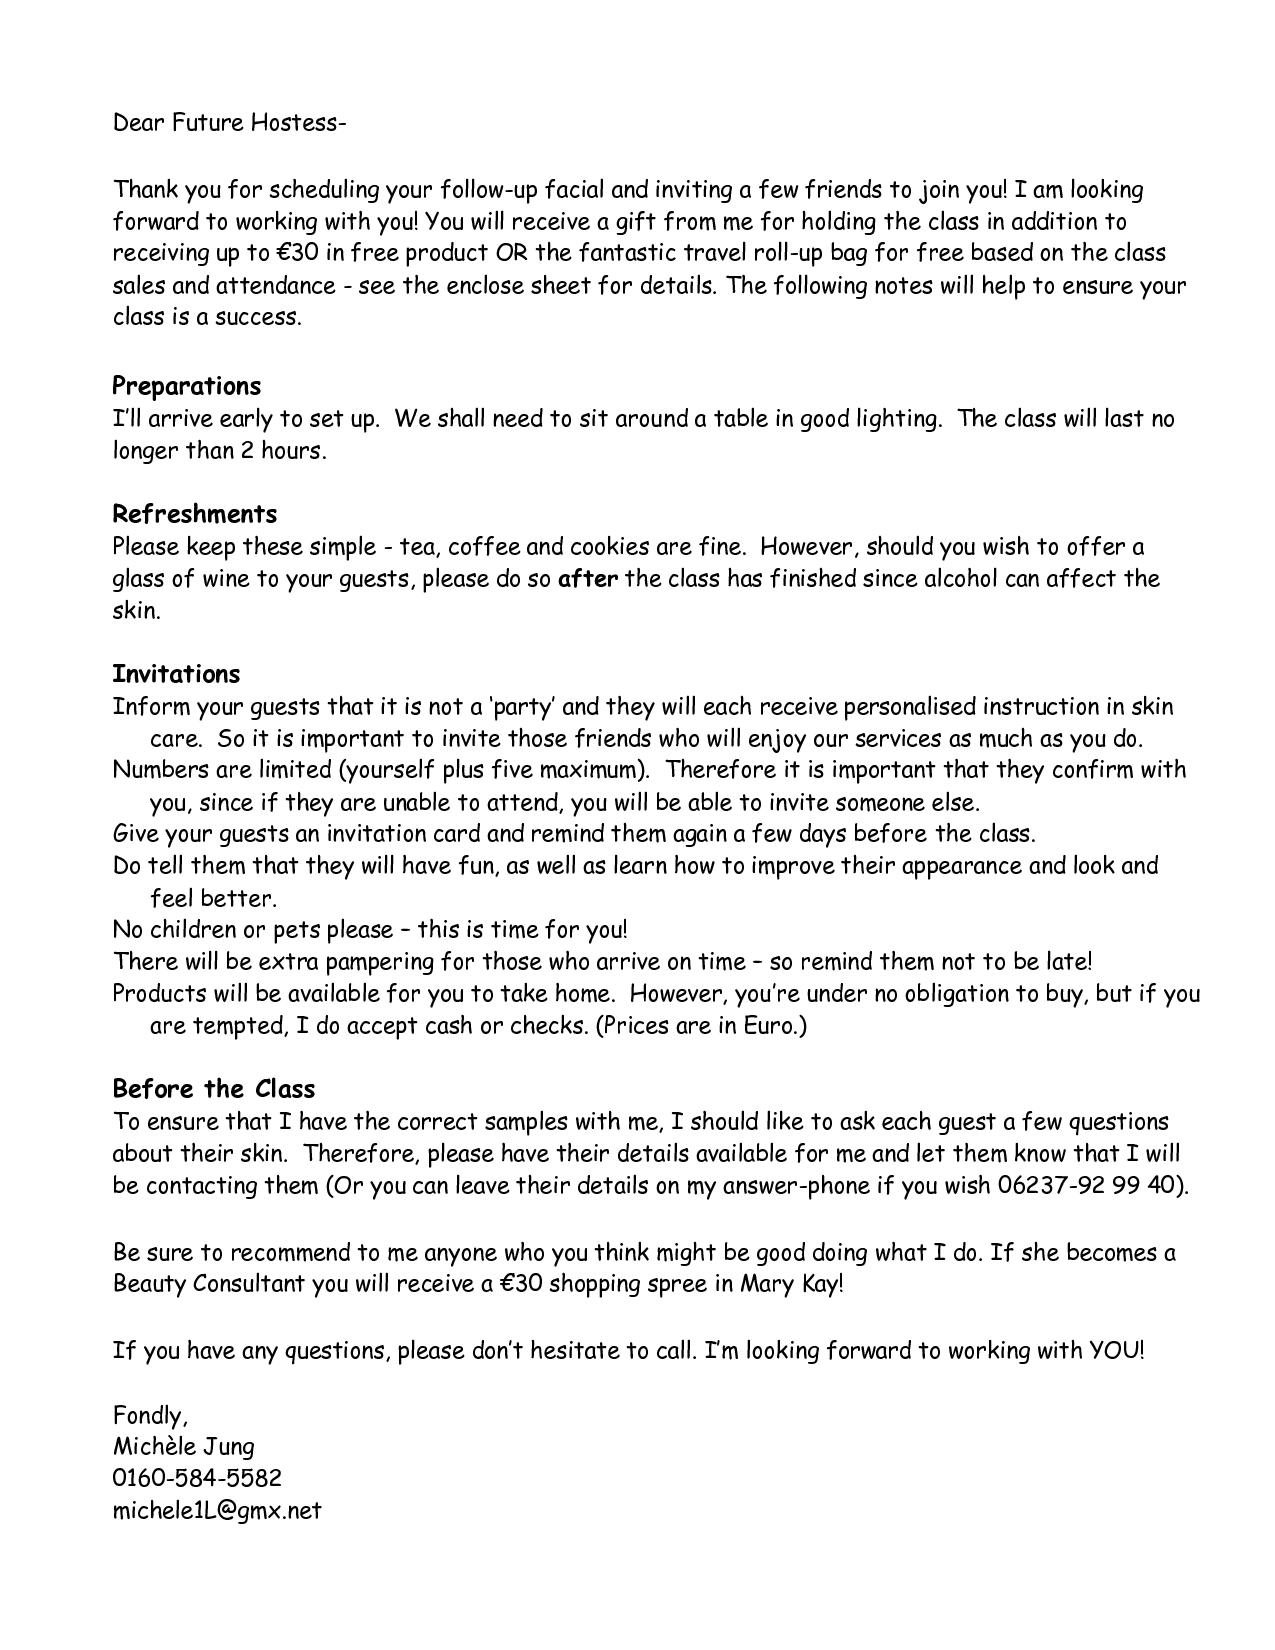 roll up bag closing sheet mary kay | Hostess Letter _ Outside Order Arbonne Outside Order Form on stella & dot order form, dermalogica order form, pure romance order form, velata order form, arbonne client profile form, origami owl order form, adams sales order form, jane iredale order form, aloette order form, uppercase living order form, celebrating home order form, norwex order form, melaleuca order form, watkins order form, goldwell order form, partylite order form, wildtree order form, beauticontrol order form, younique makeup order form, princess house order form,